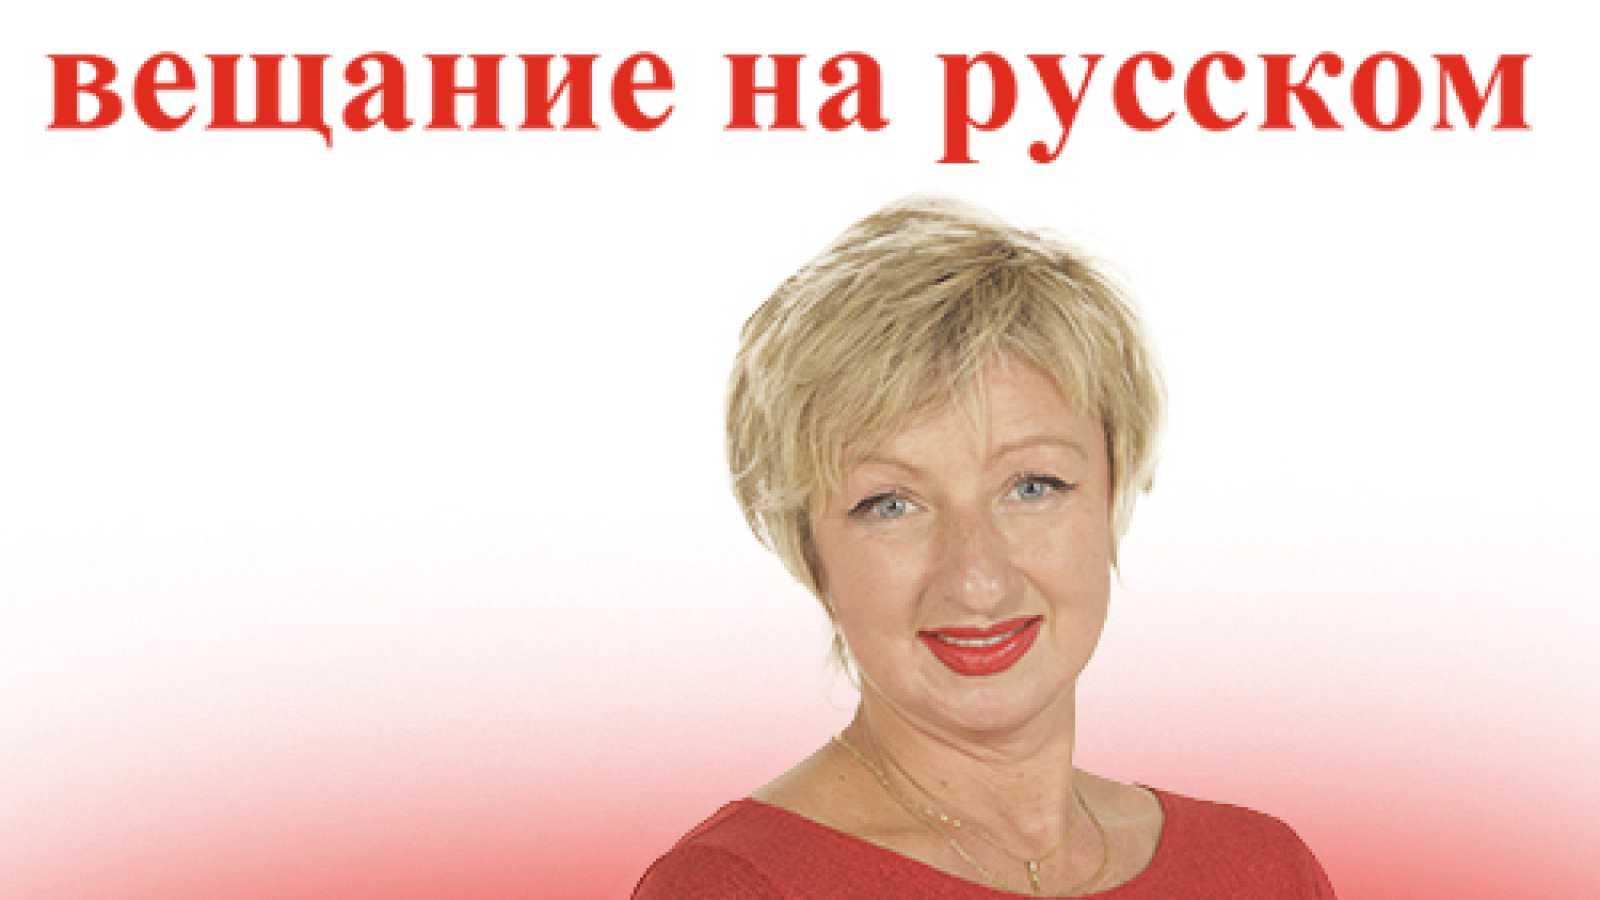 Emisión en ruso - S 8 Marta! - 08/03/21 - escuchar ahora